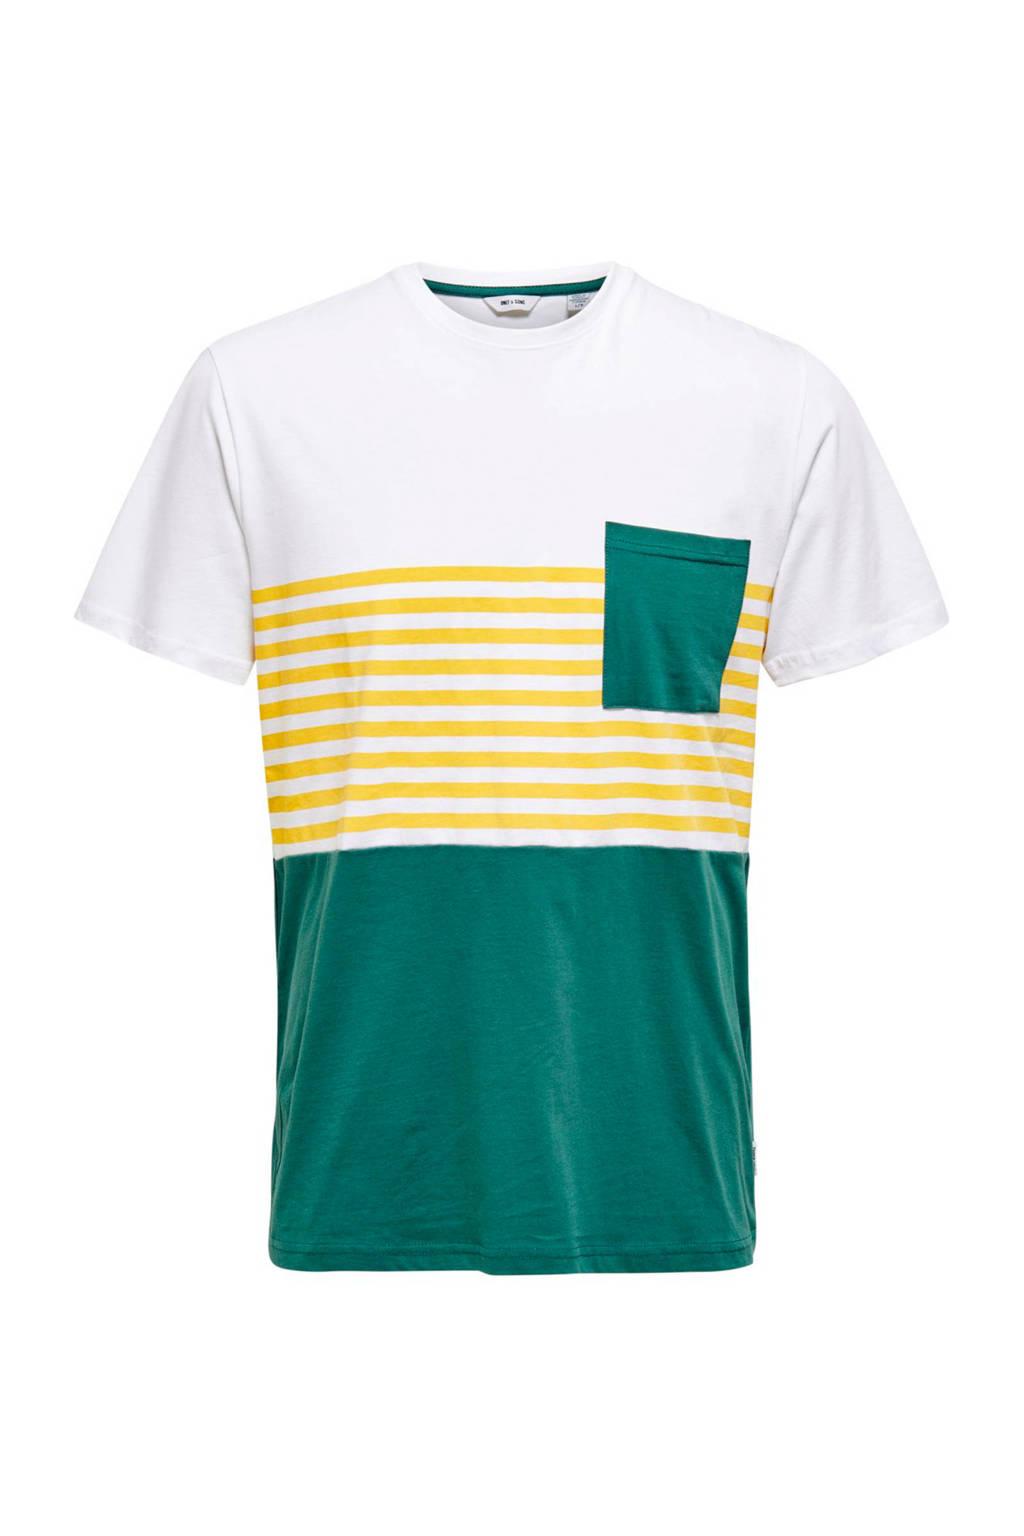 ONLY & SONS T-shirt met strepen groen/wit/geel, Groen/wit/geel